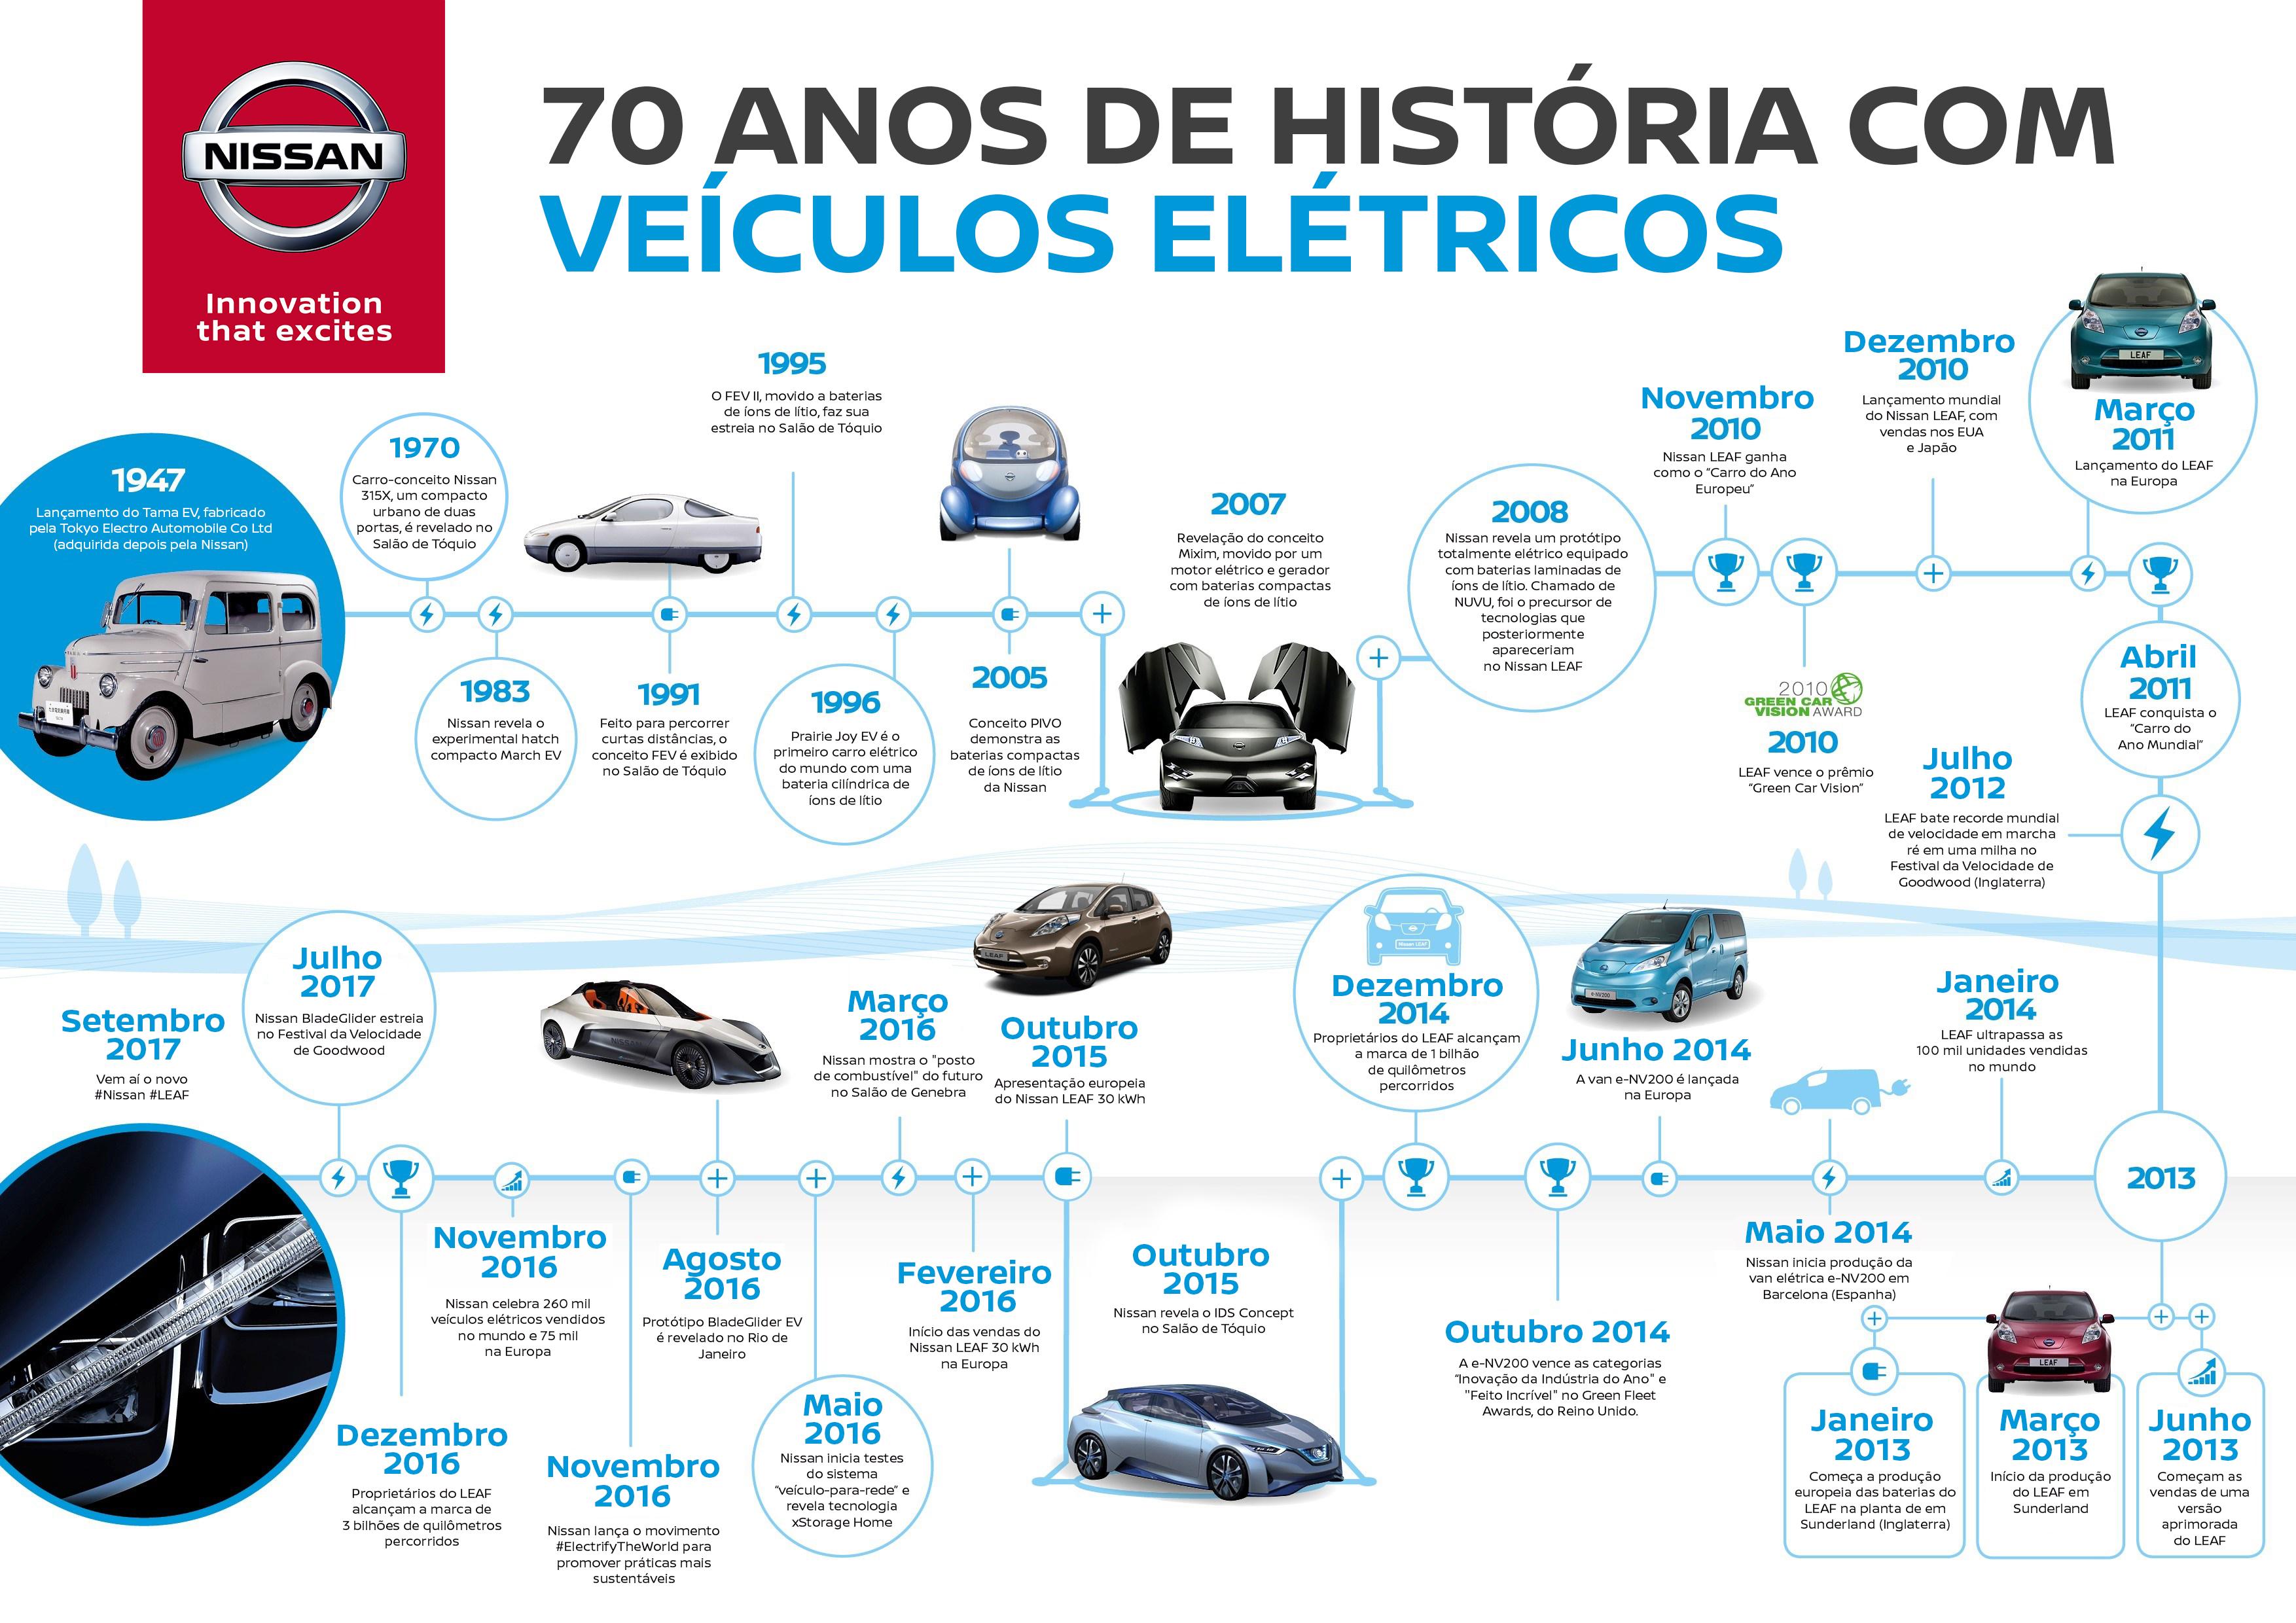 Nissan celebra 70 anos de fabricação de carros elétricos sem emissão de poluentes